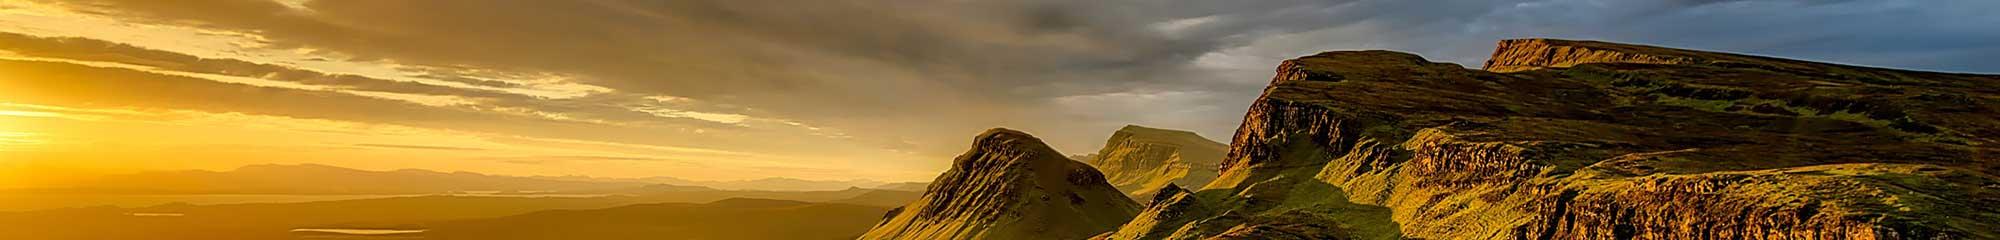 lonely planet scotlands highlands amp islands